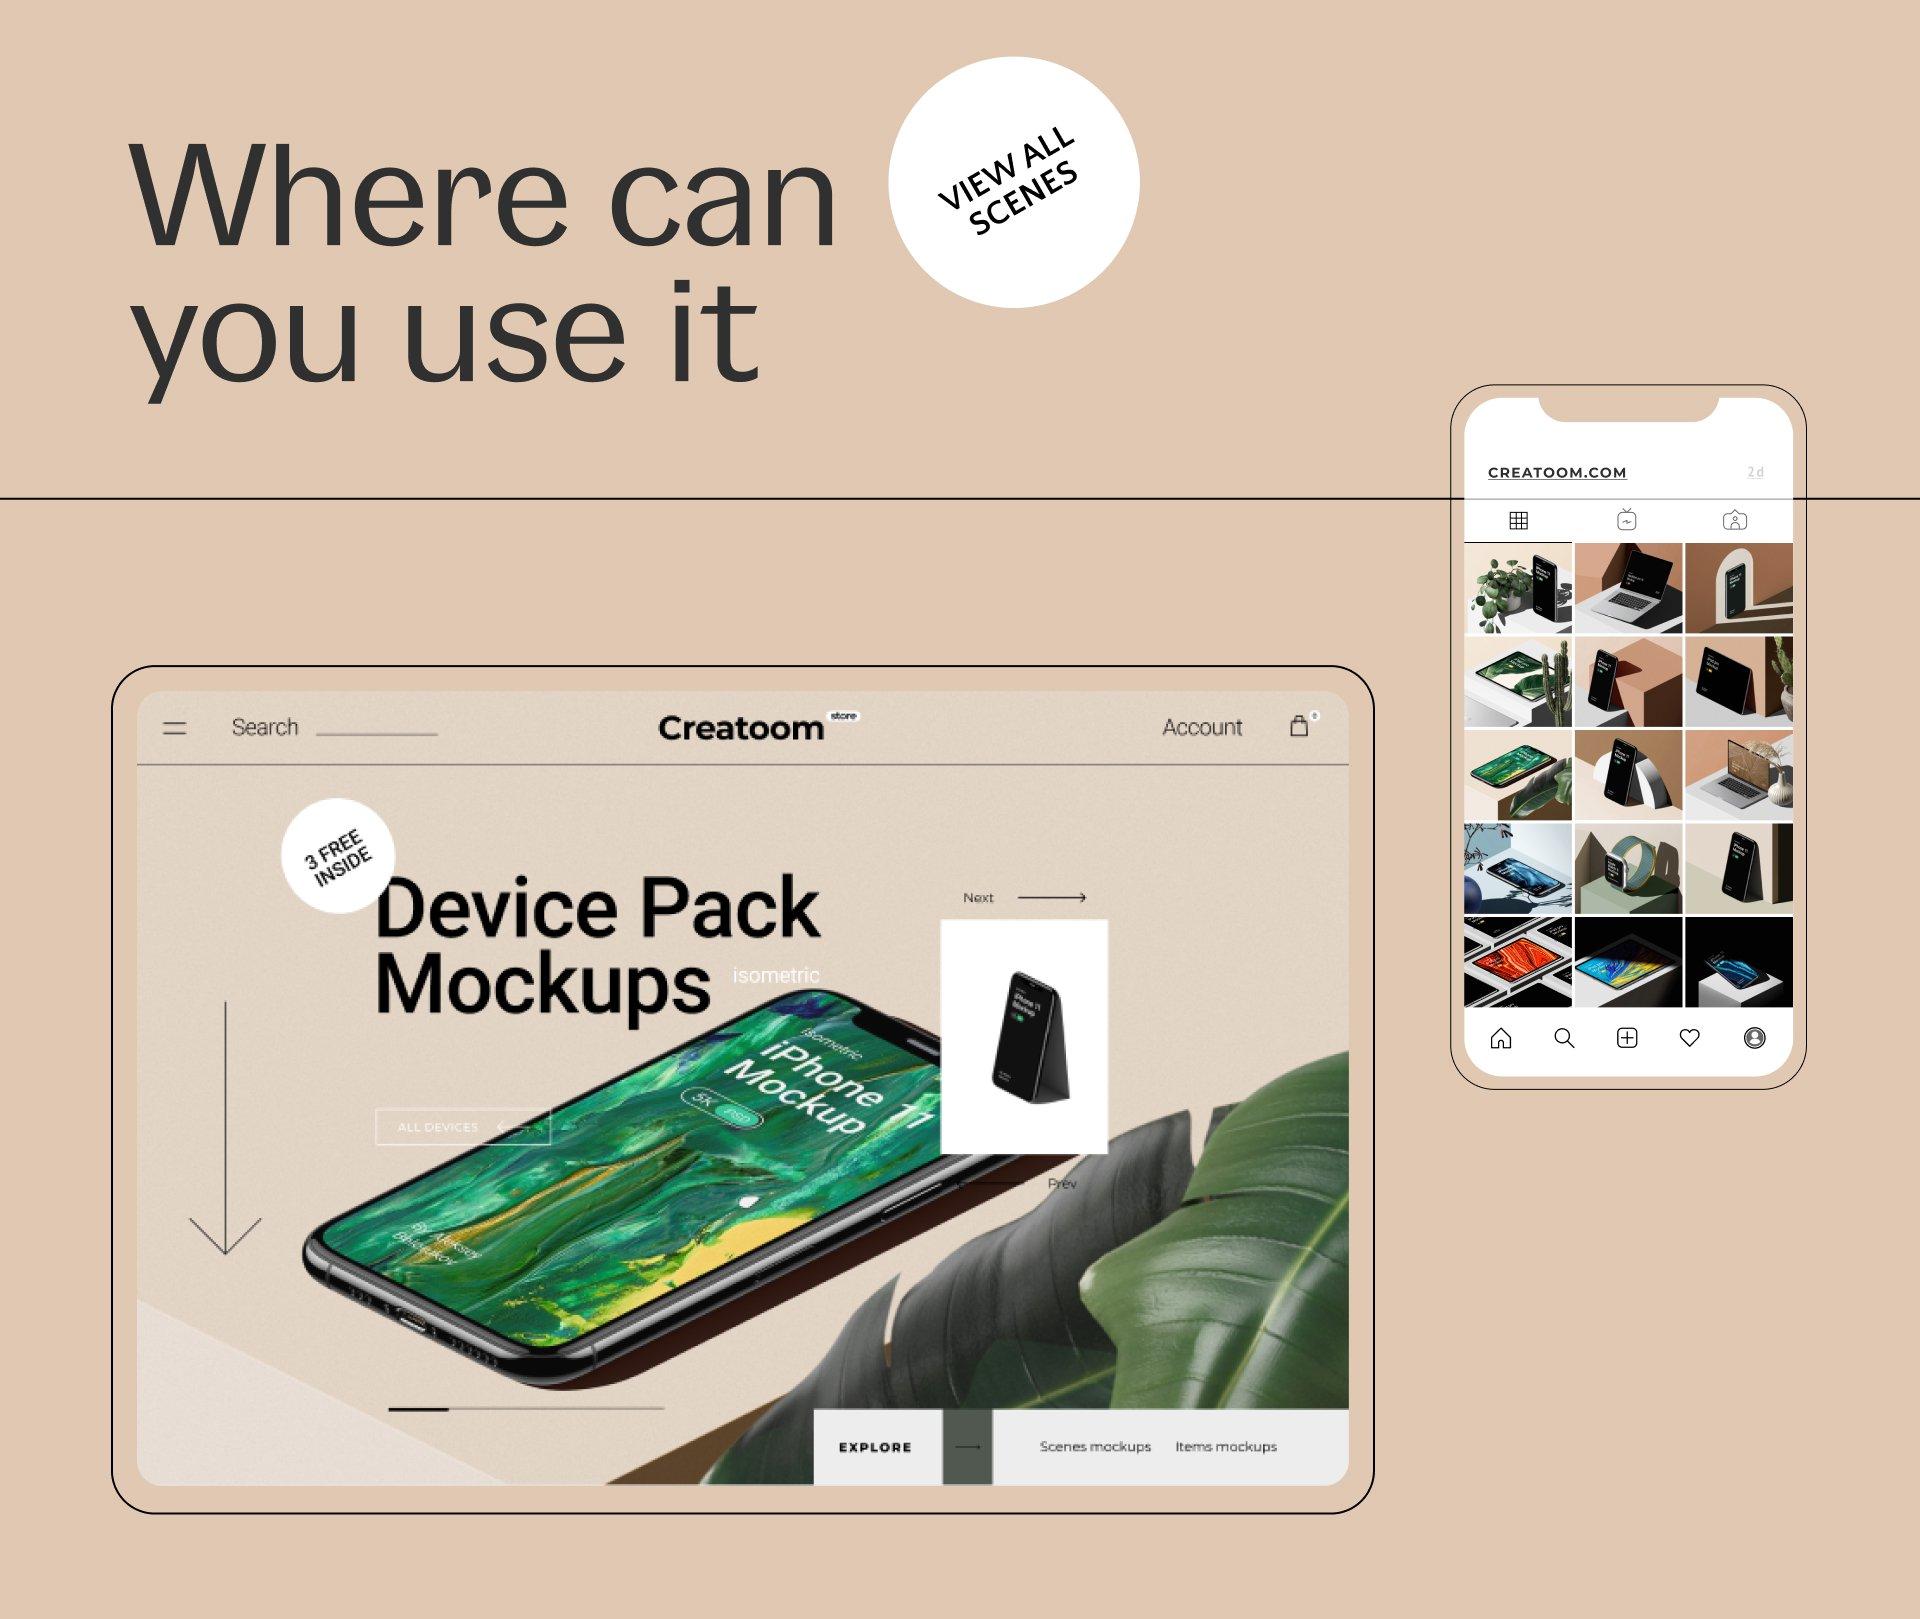 [单独购买] 16款时尚等距APP界面设计苹果设备屏幕演示场景样机模板套装 Device Pack Mockups – Isometric插图22